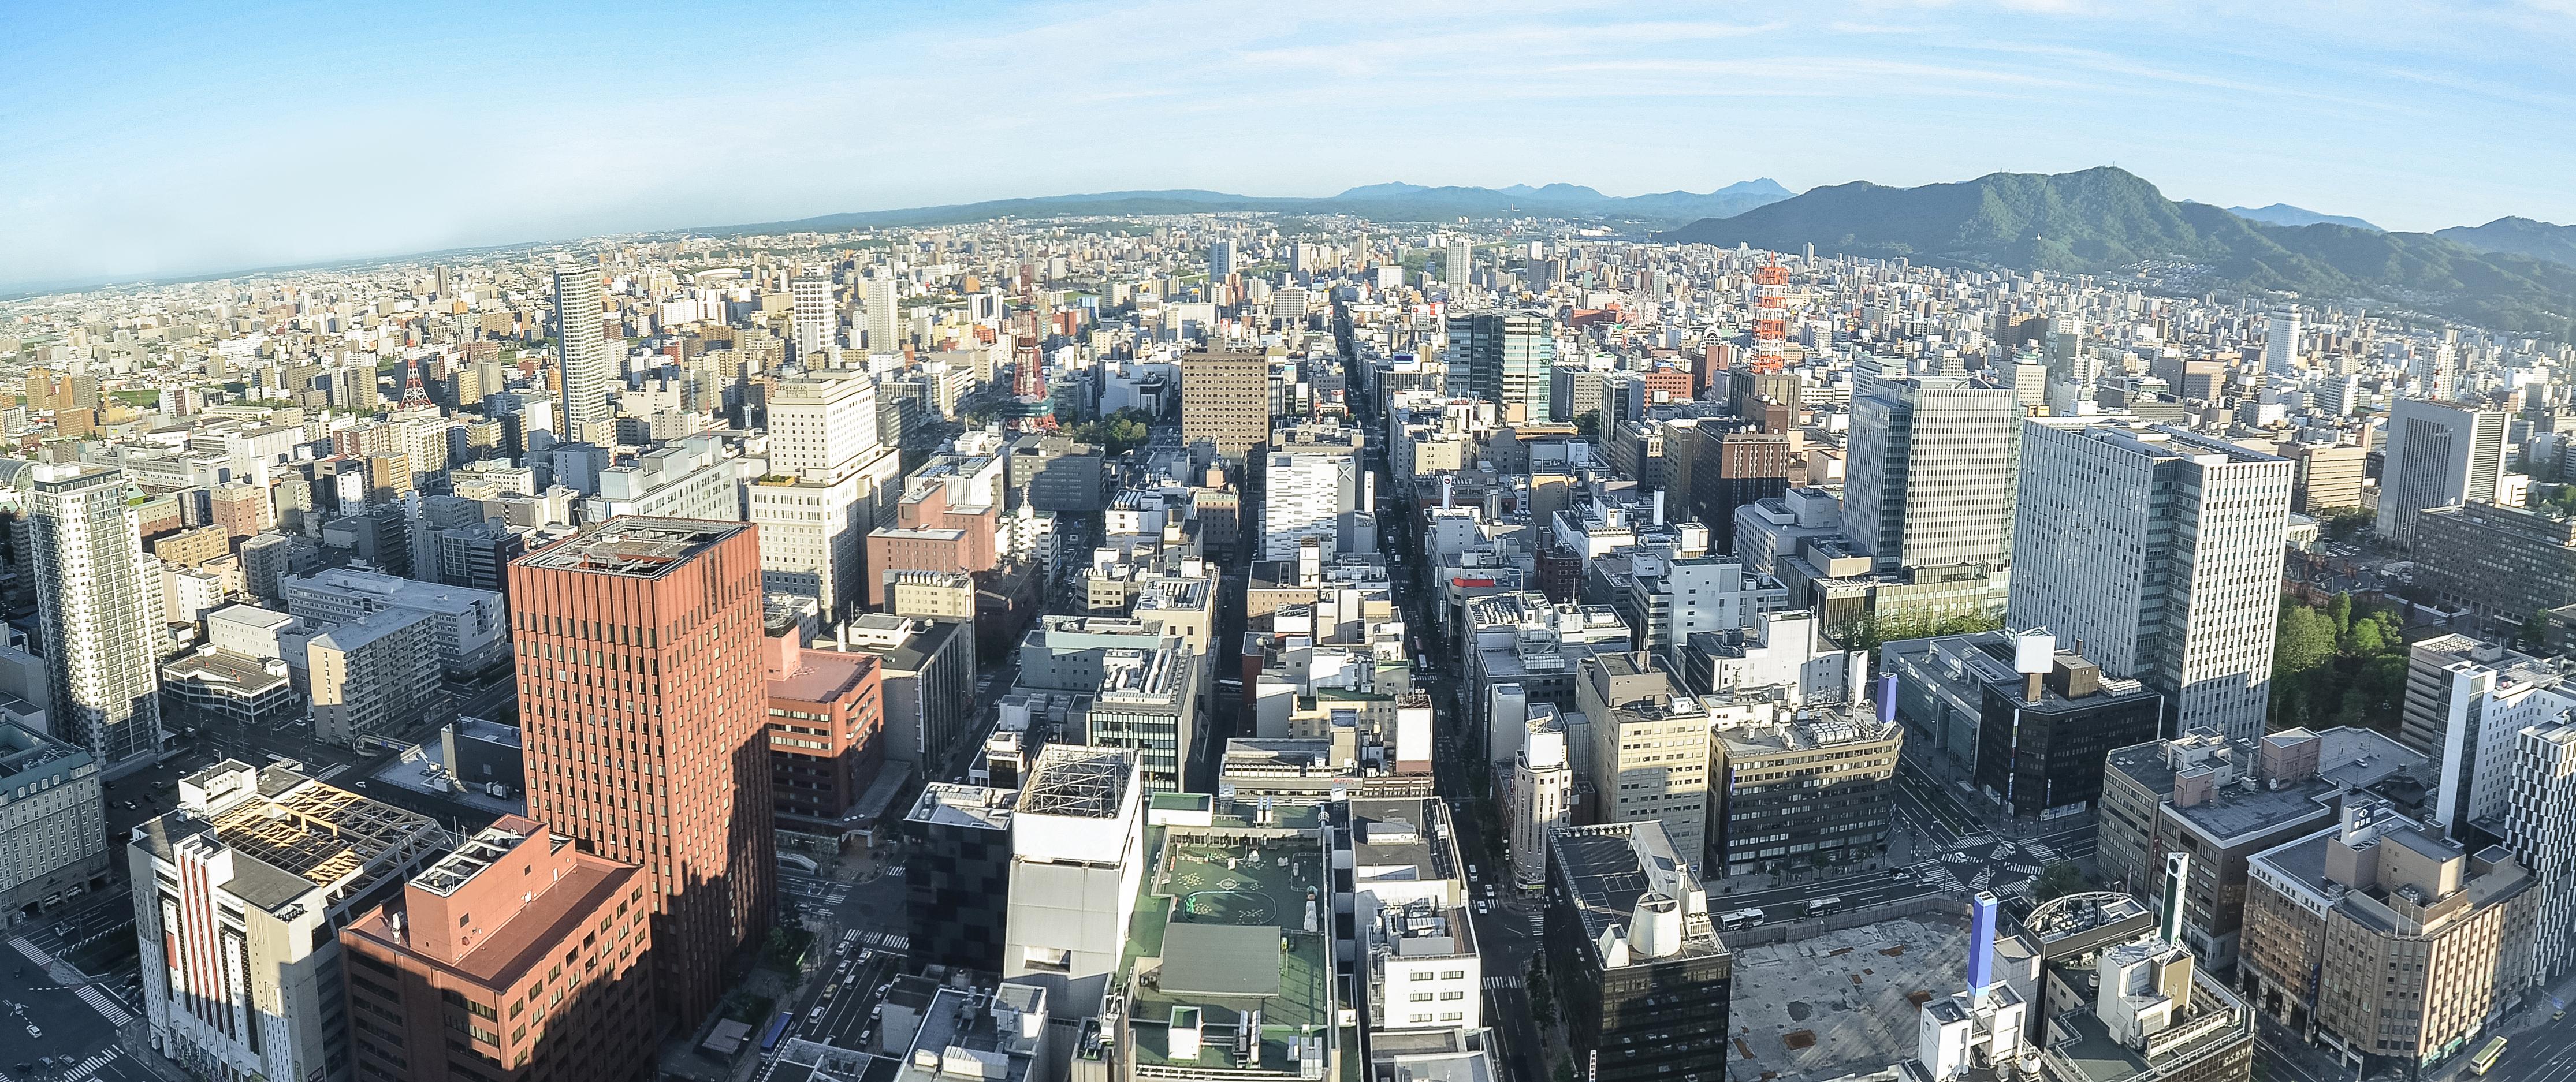 JR Tower Observation Deck T38 Ticket in Hokkaido